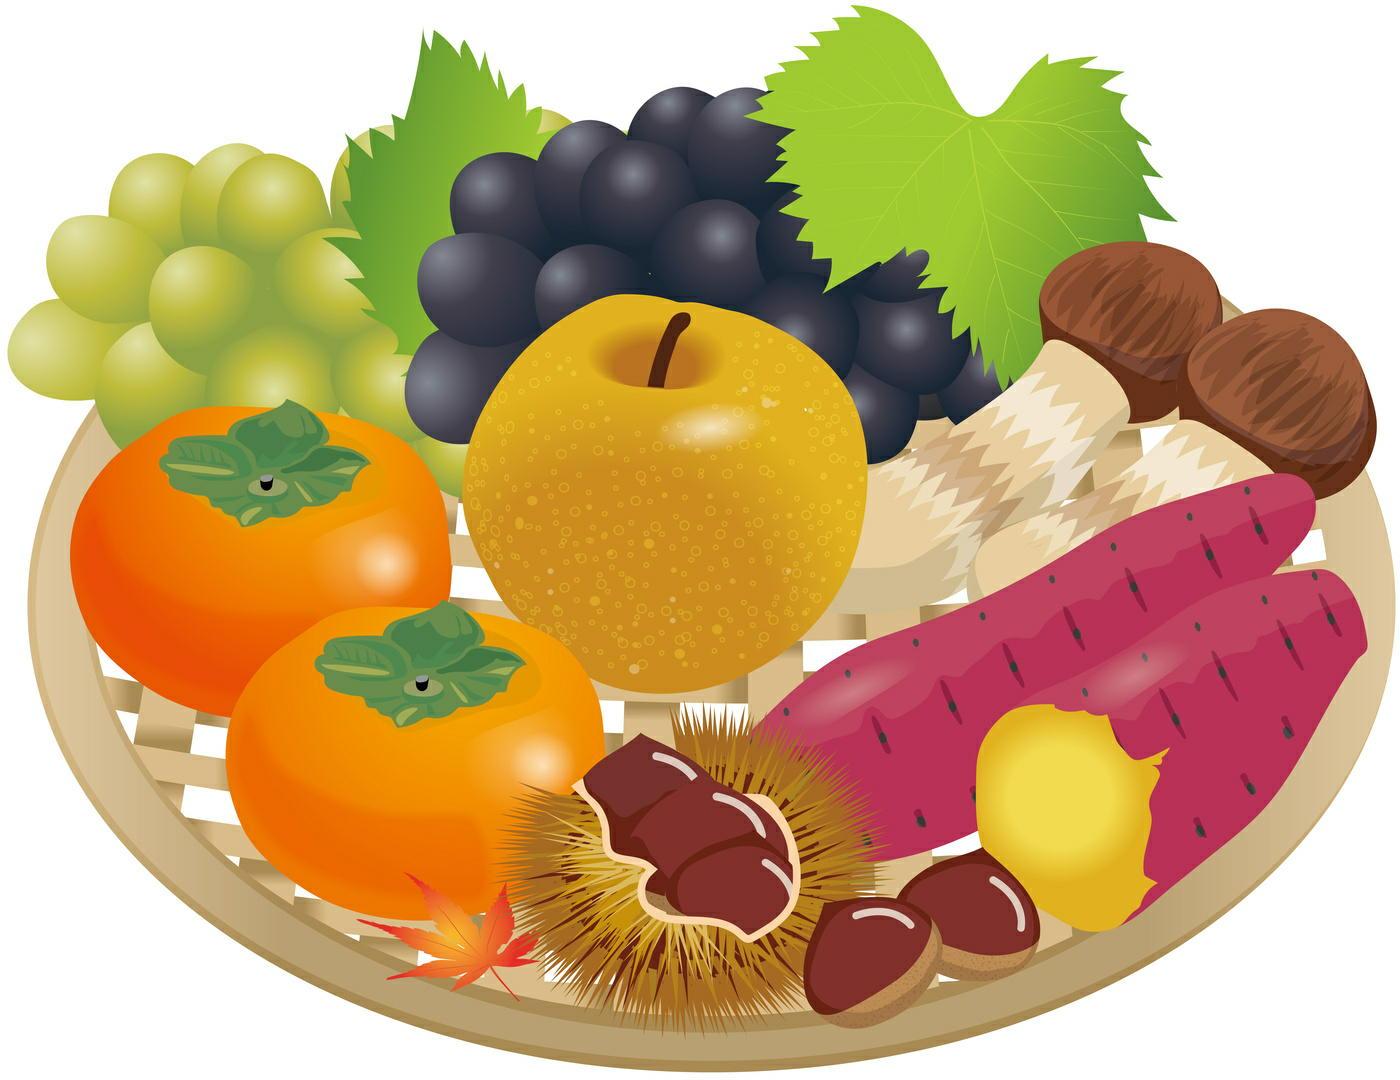 果物は肥満・メタボに良いのか悪いのか? 果物の健康効果を科学的に検証